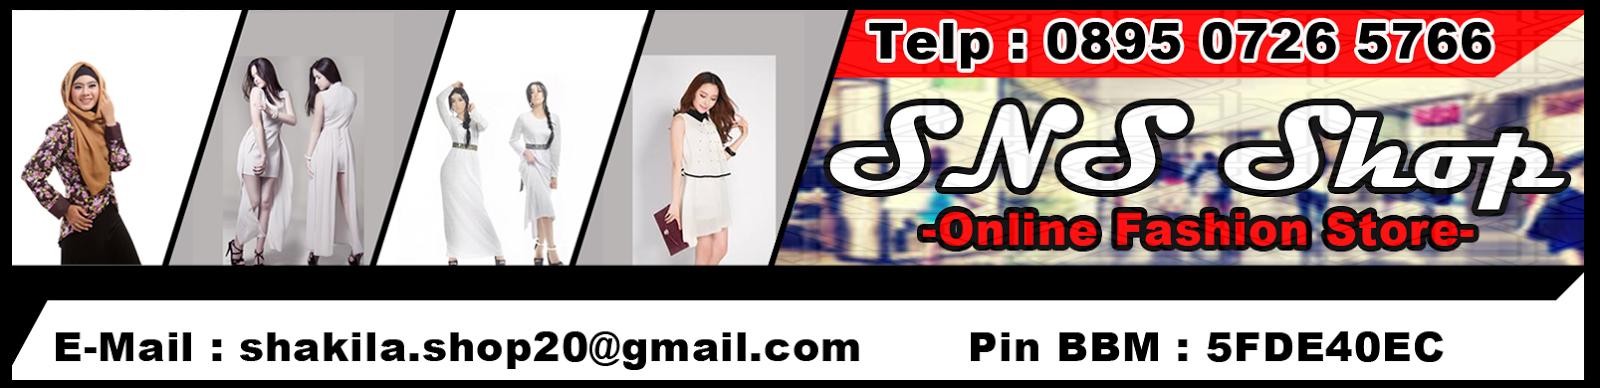 SNS Shop | Fashion Baju Remaja | Baju Anak | Fashion Hijab